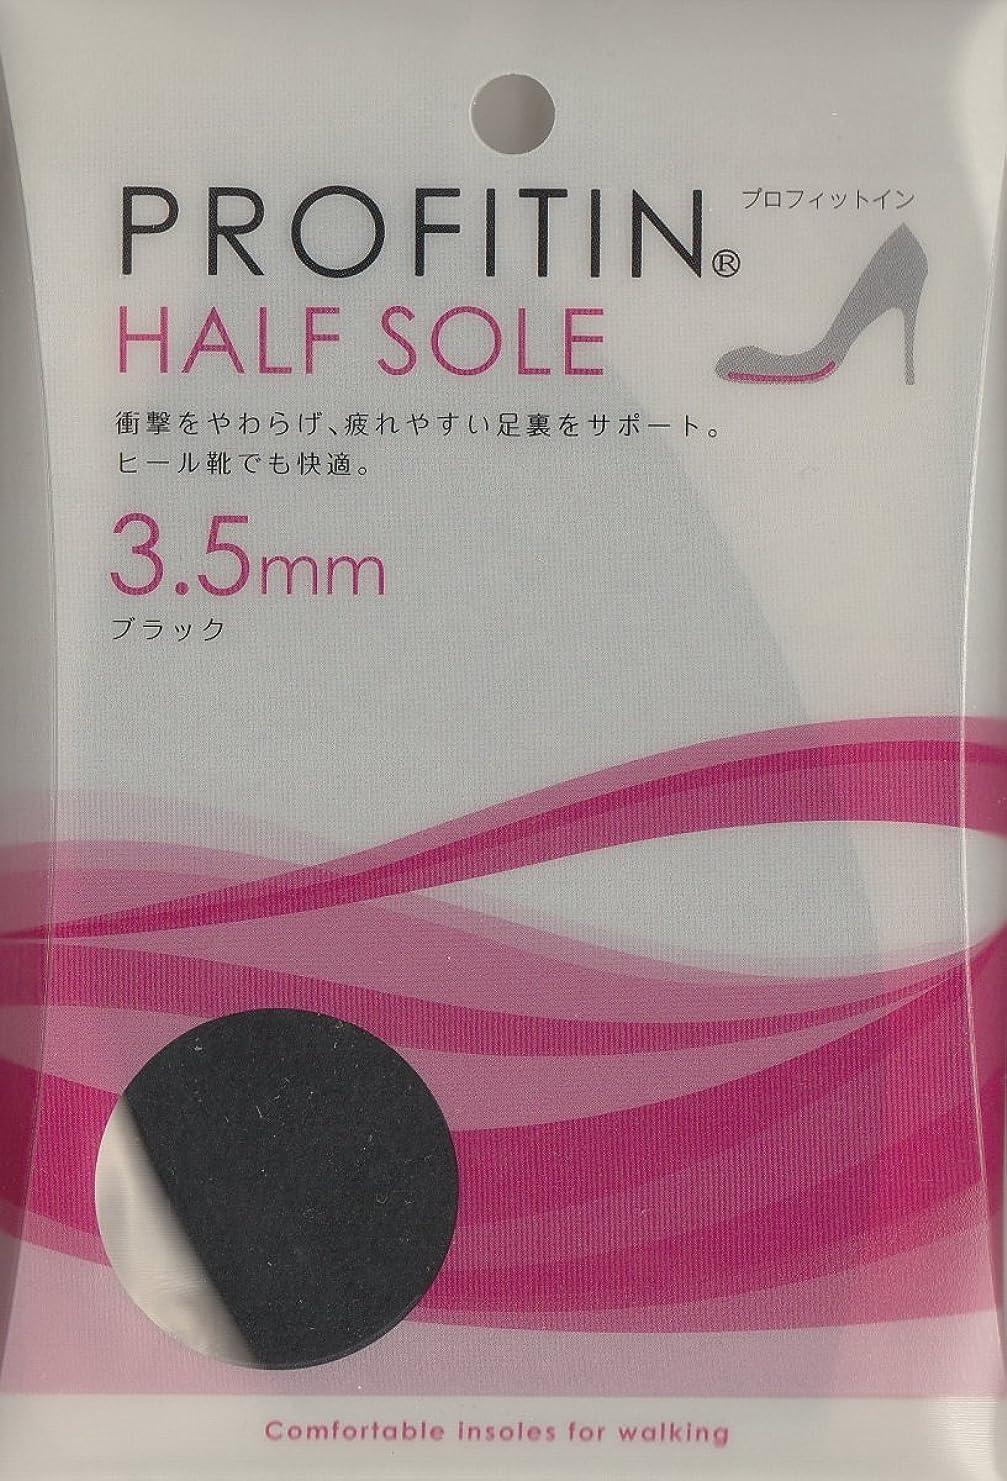 電球裁量適切な靴やブーツの細かいサイズ調整に「PROFITIN HALF SOLE」 (3.5mm, ブラック)